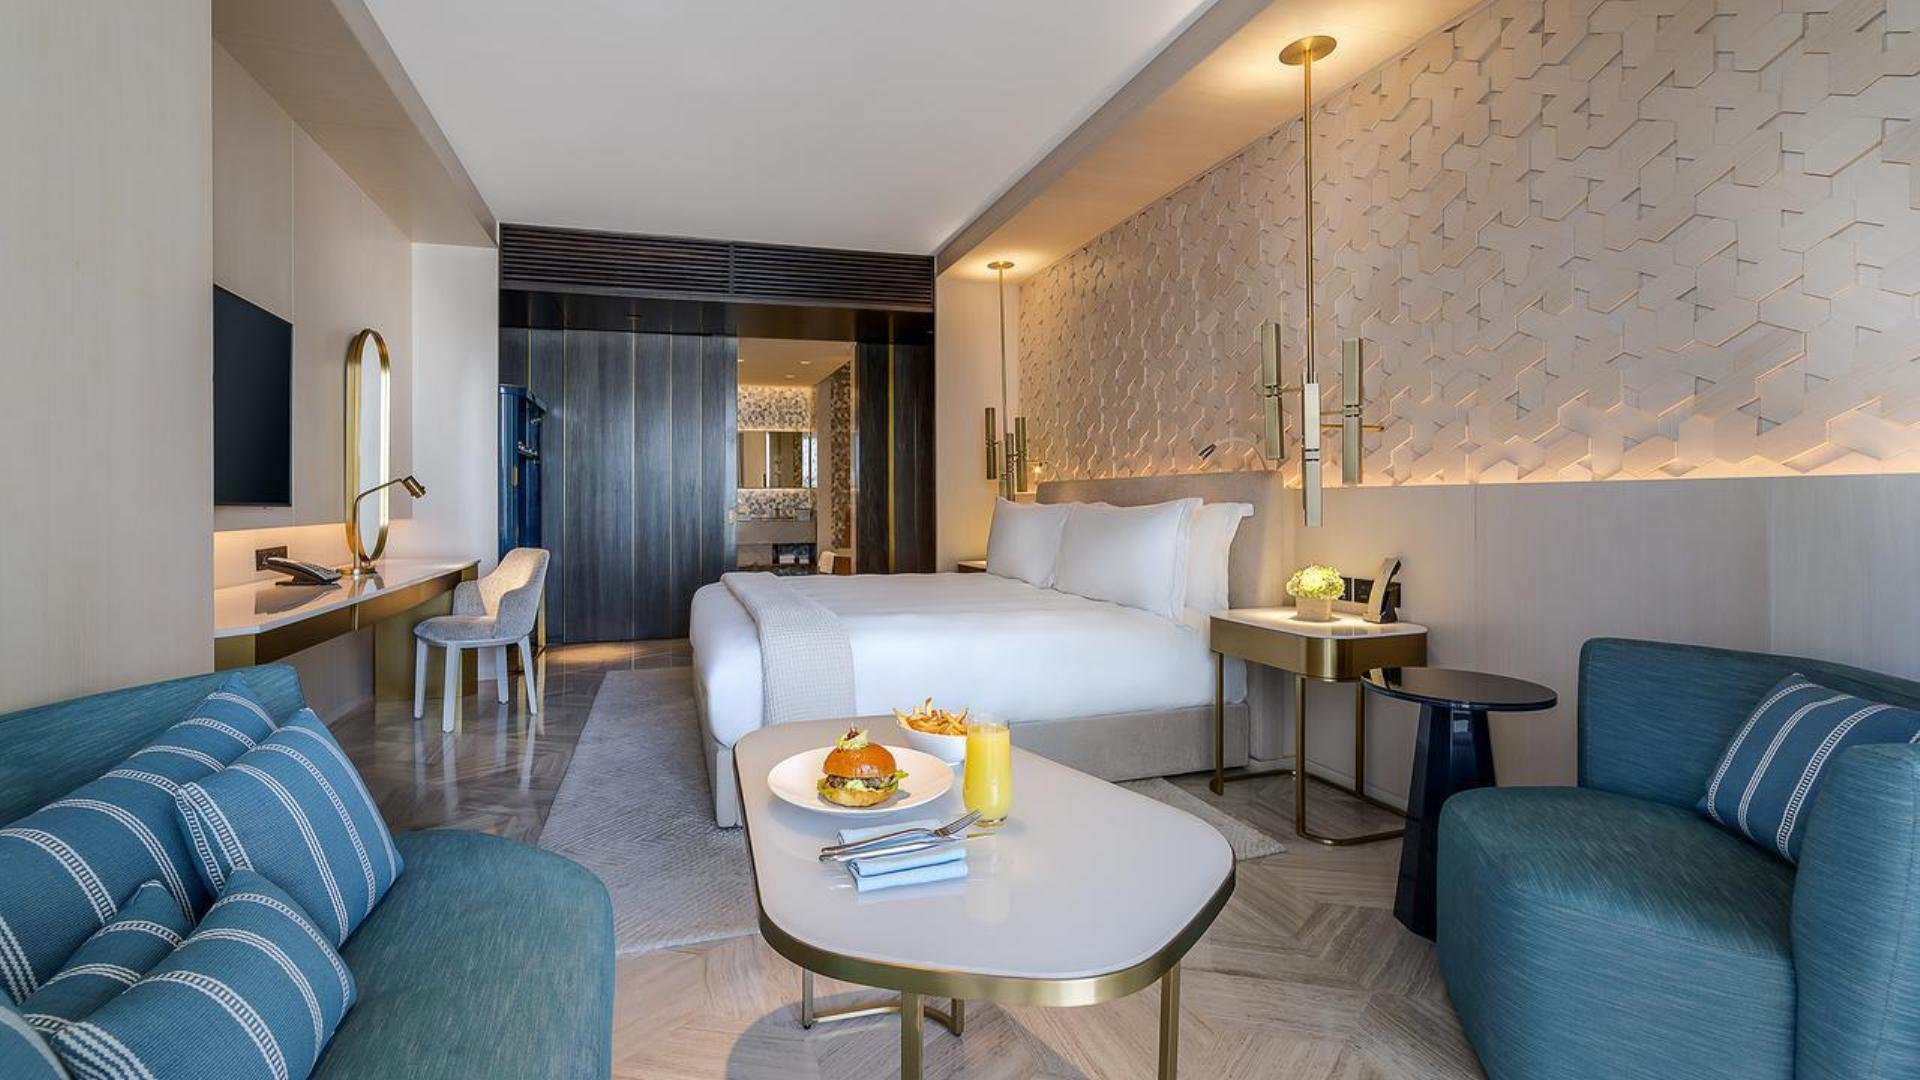 Apartamento en venta en Dubai, EAU, 4 dormitorios, 1318 m2, № 24495 – foto 1